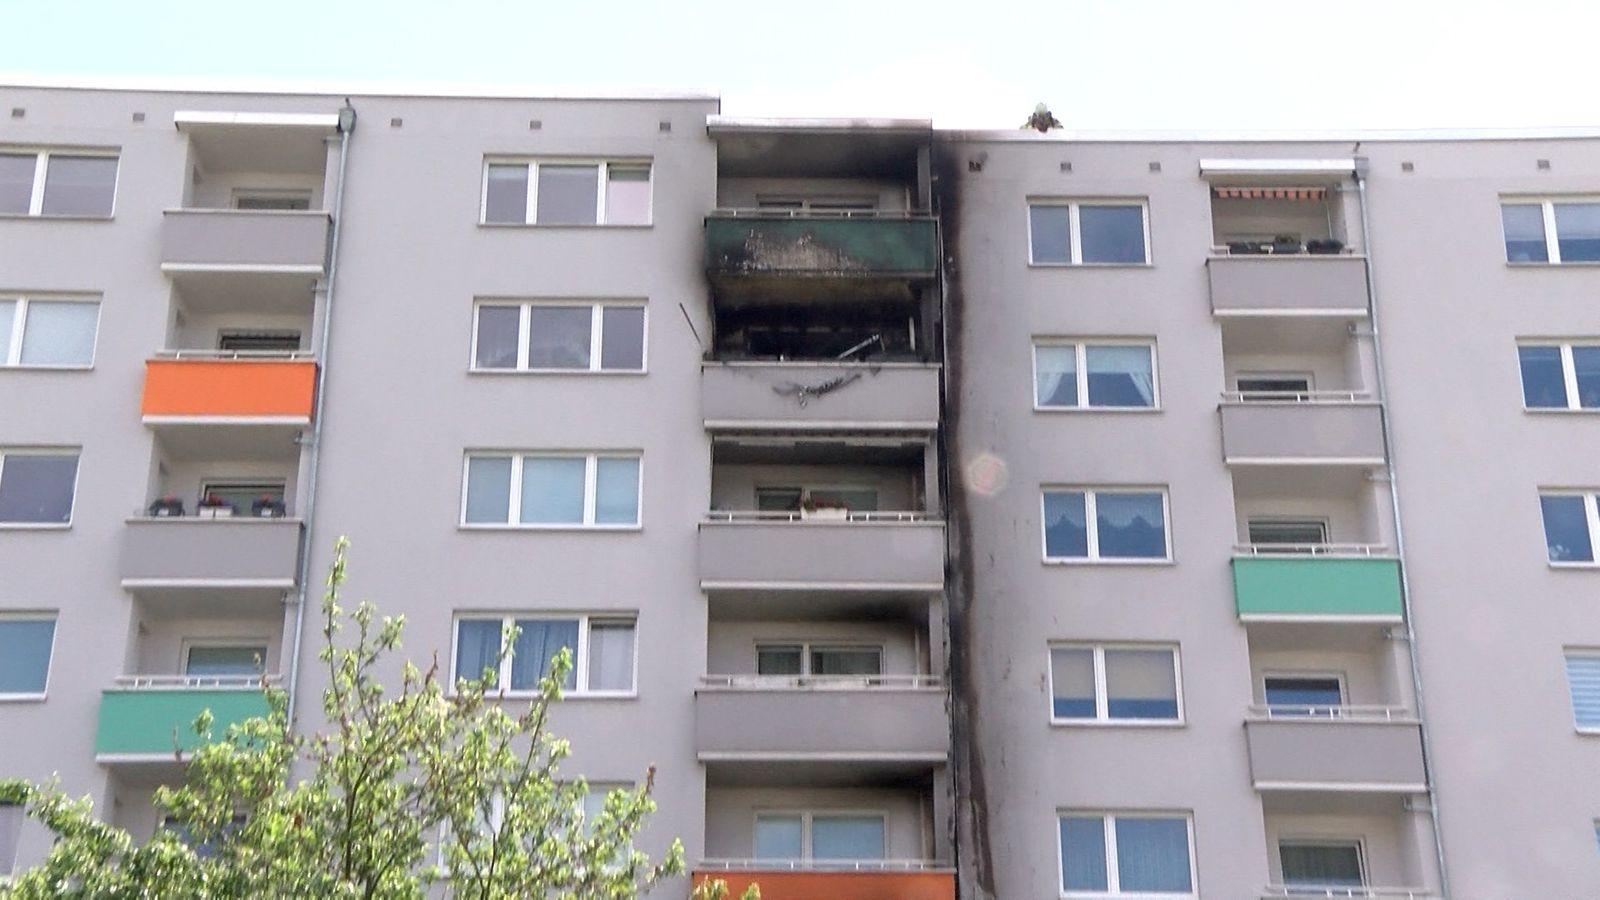 Feuer in Bremer Hochhaus: Mehrere Menschen gerettet